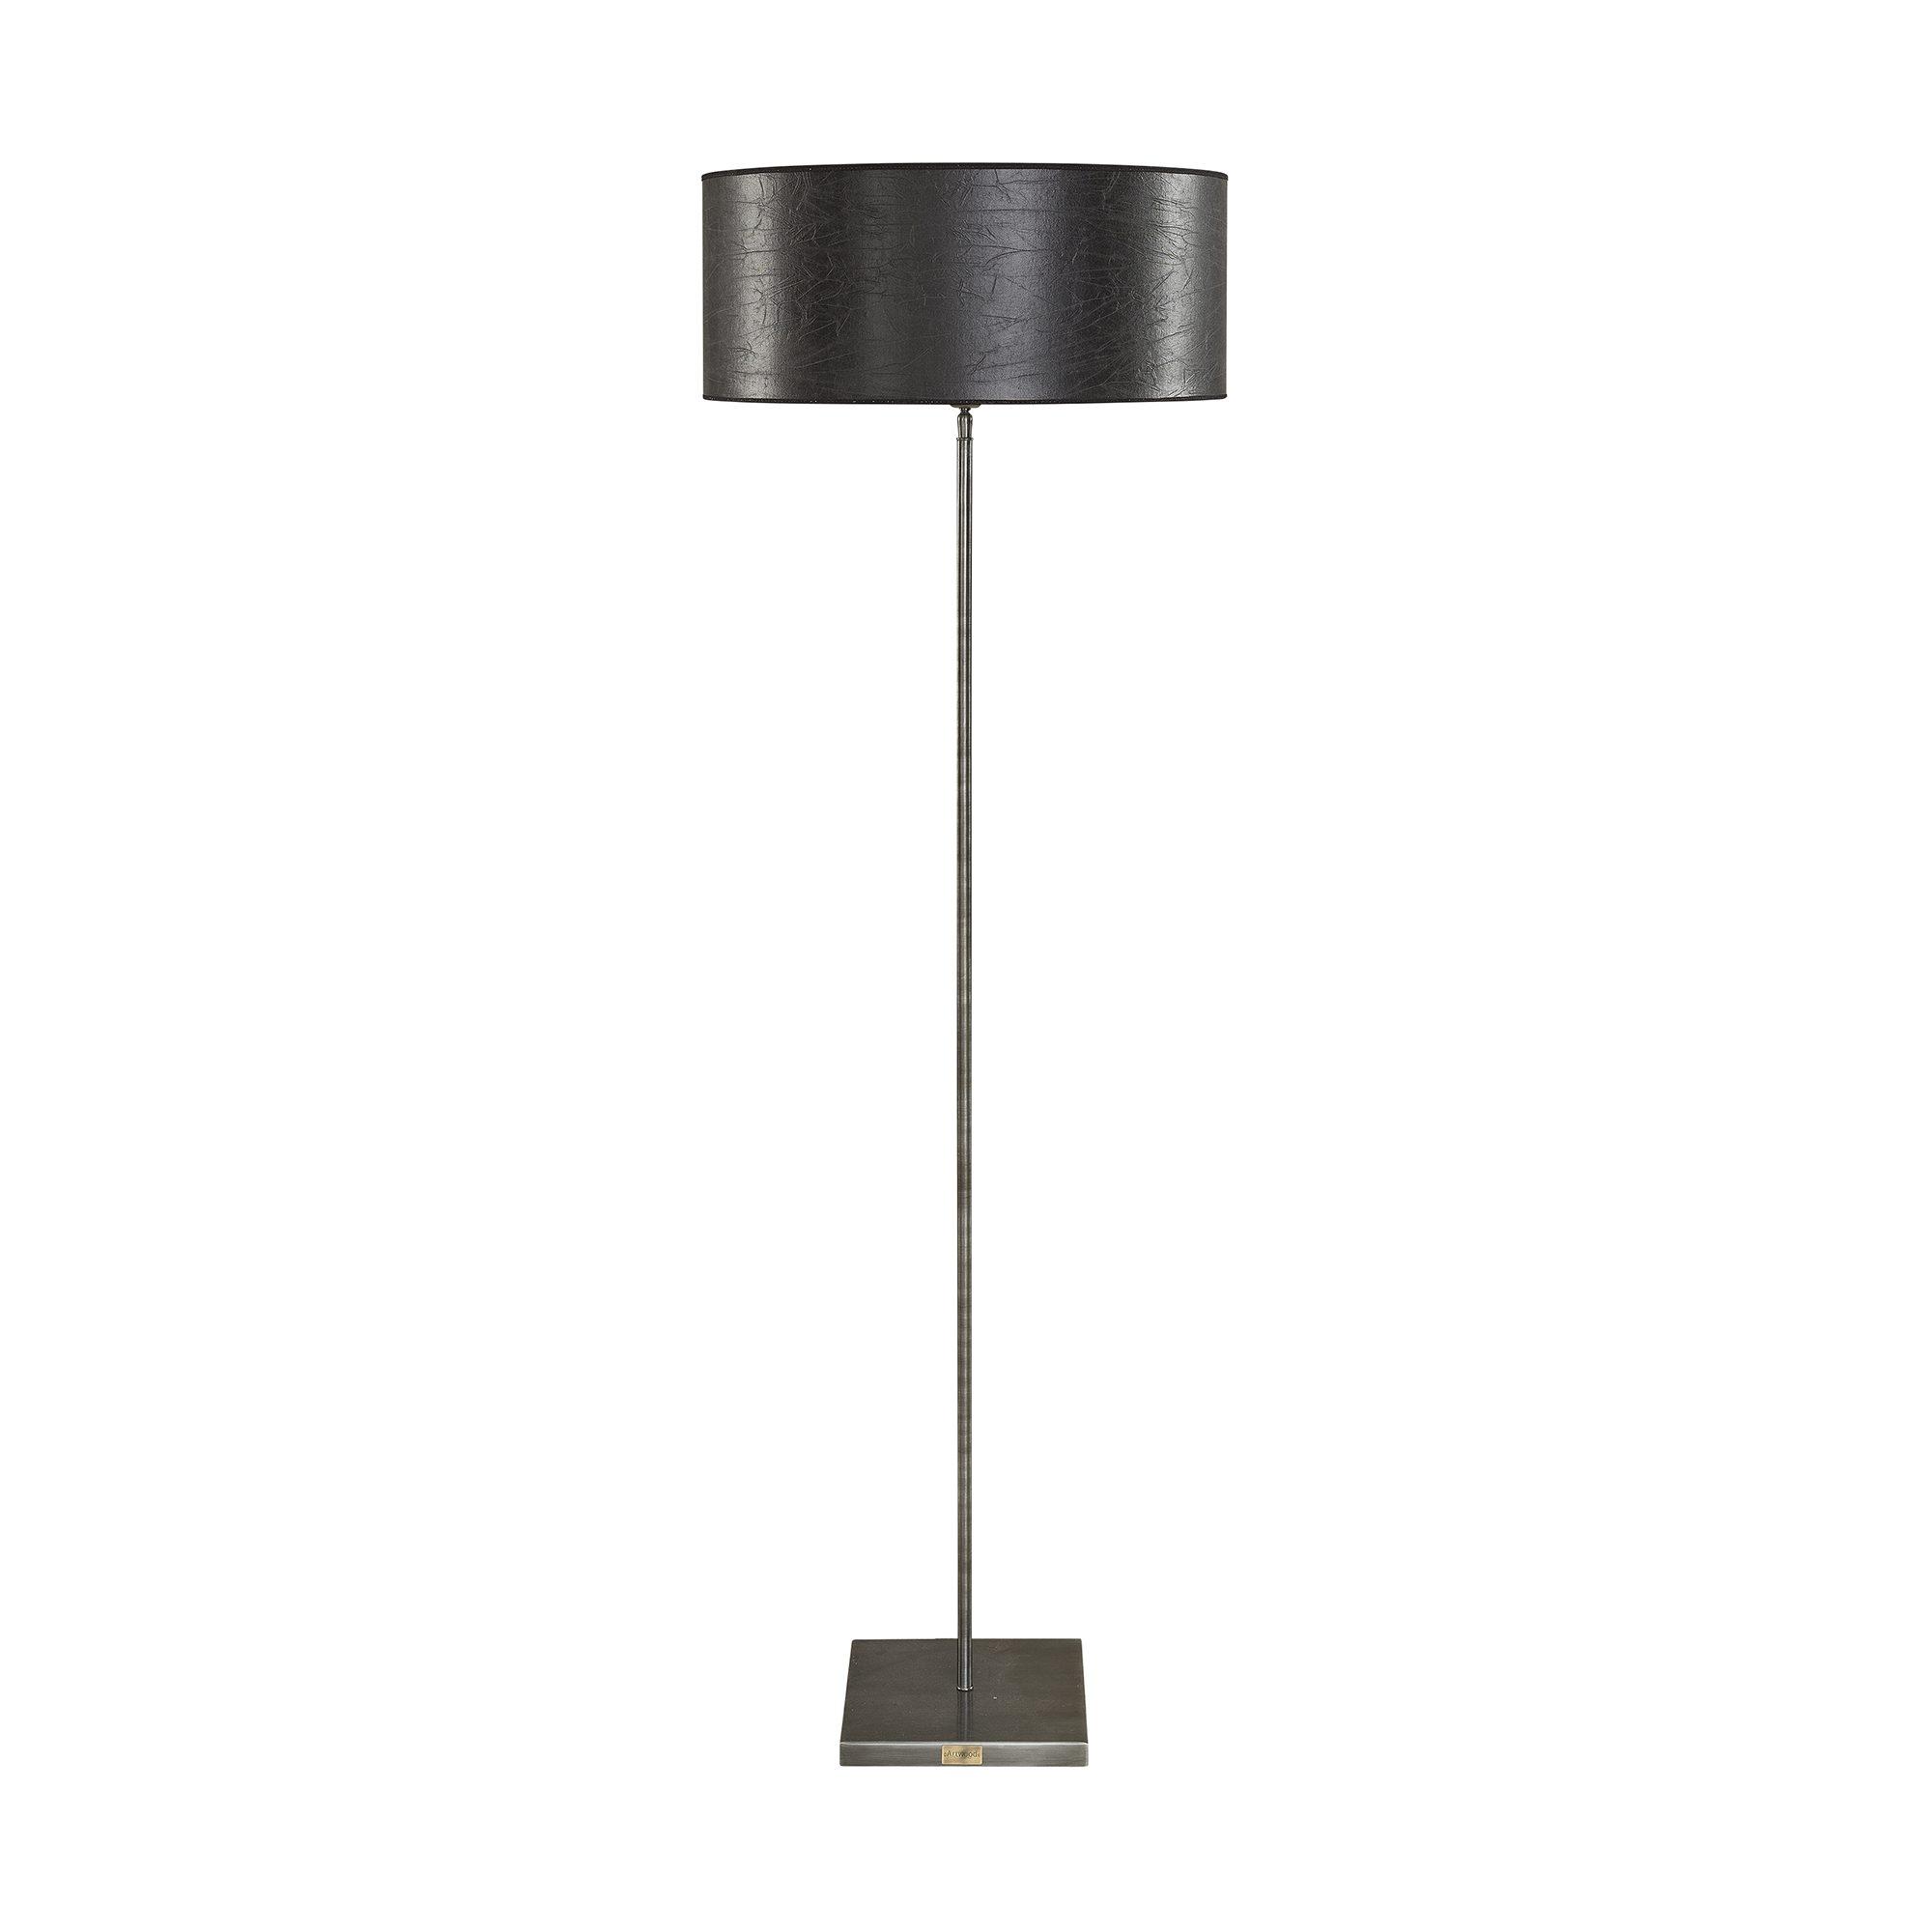 Pewter golvlampa med rund lampskärm i svart.